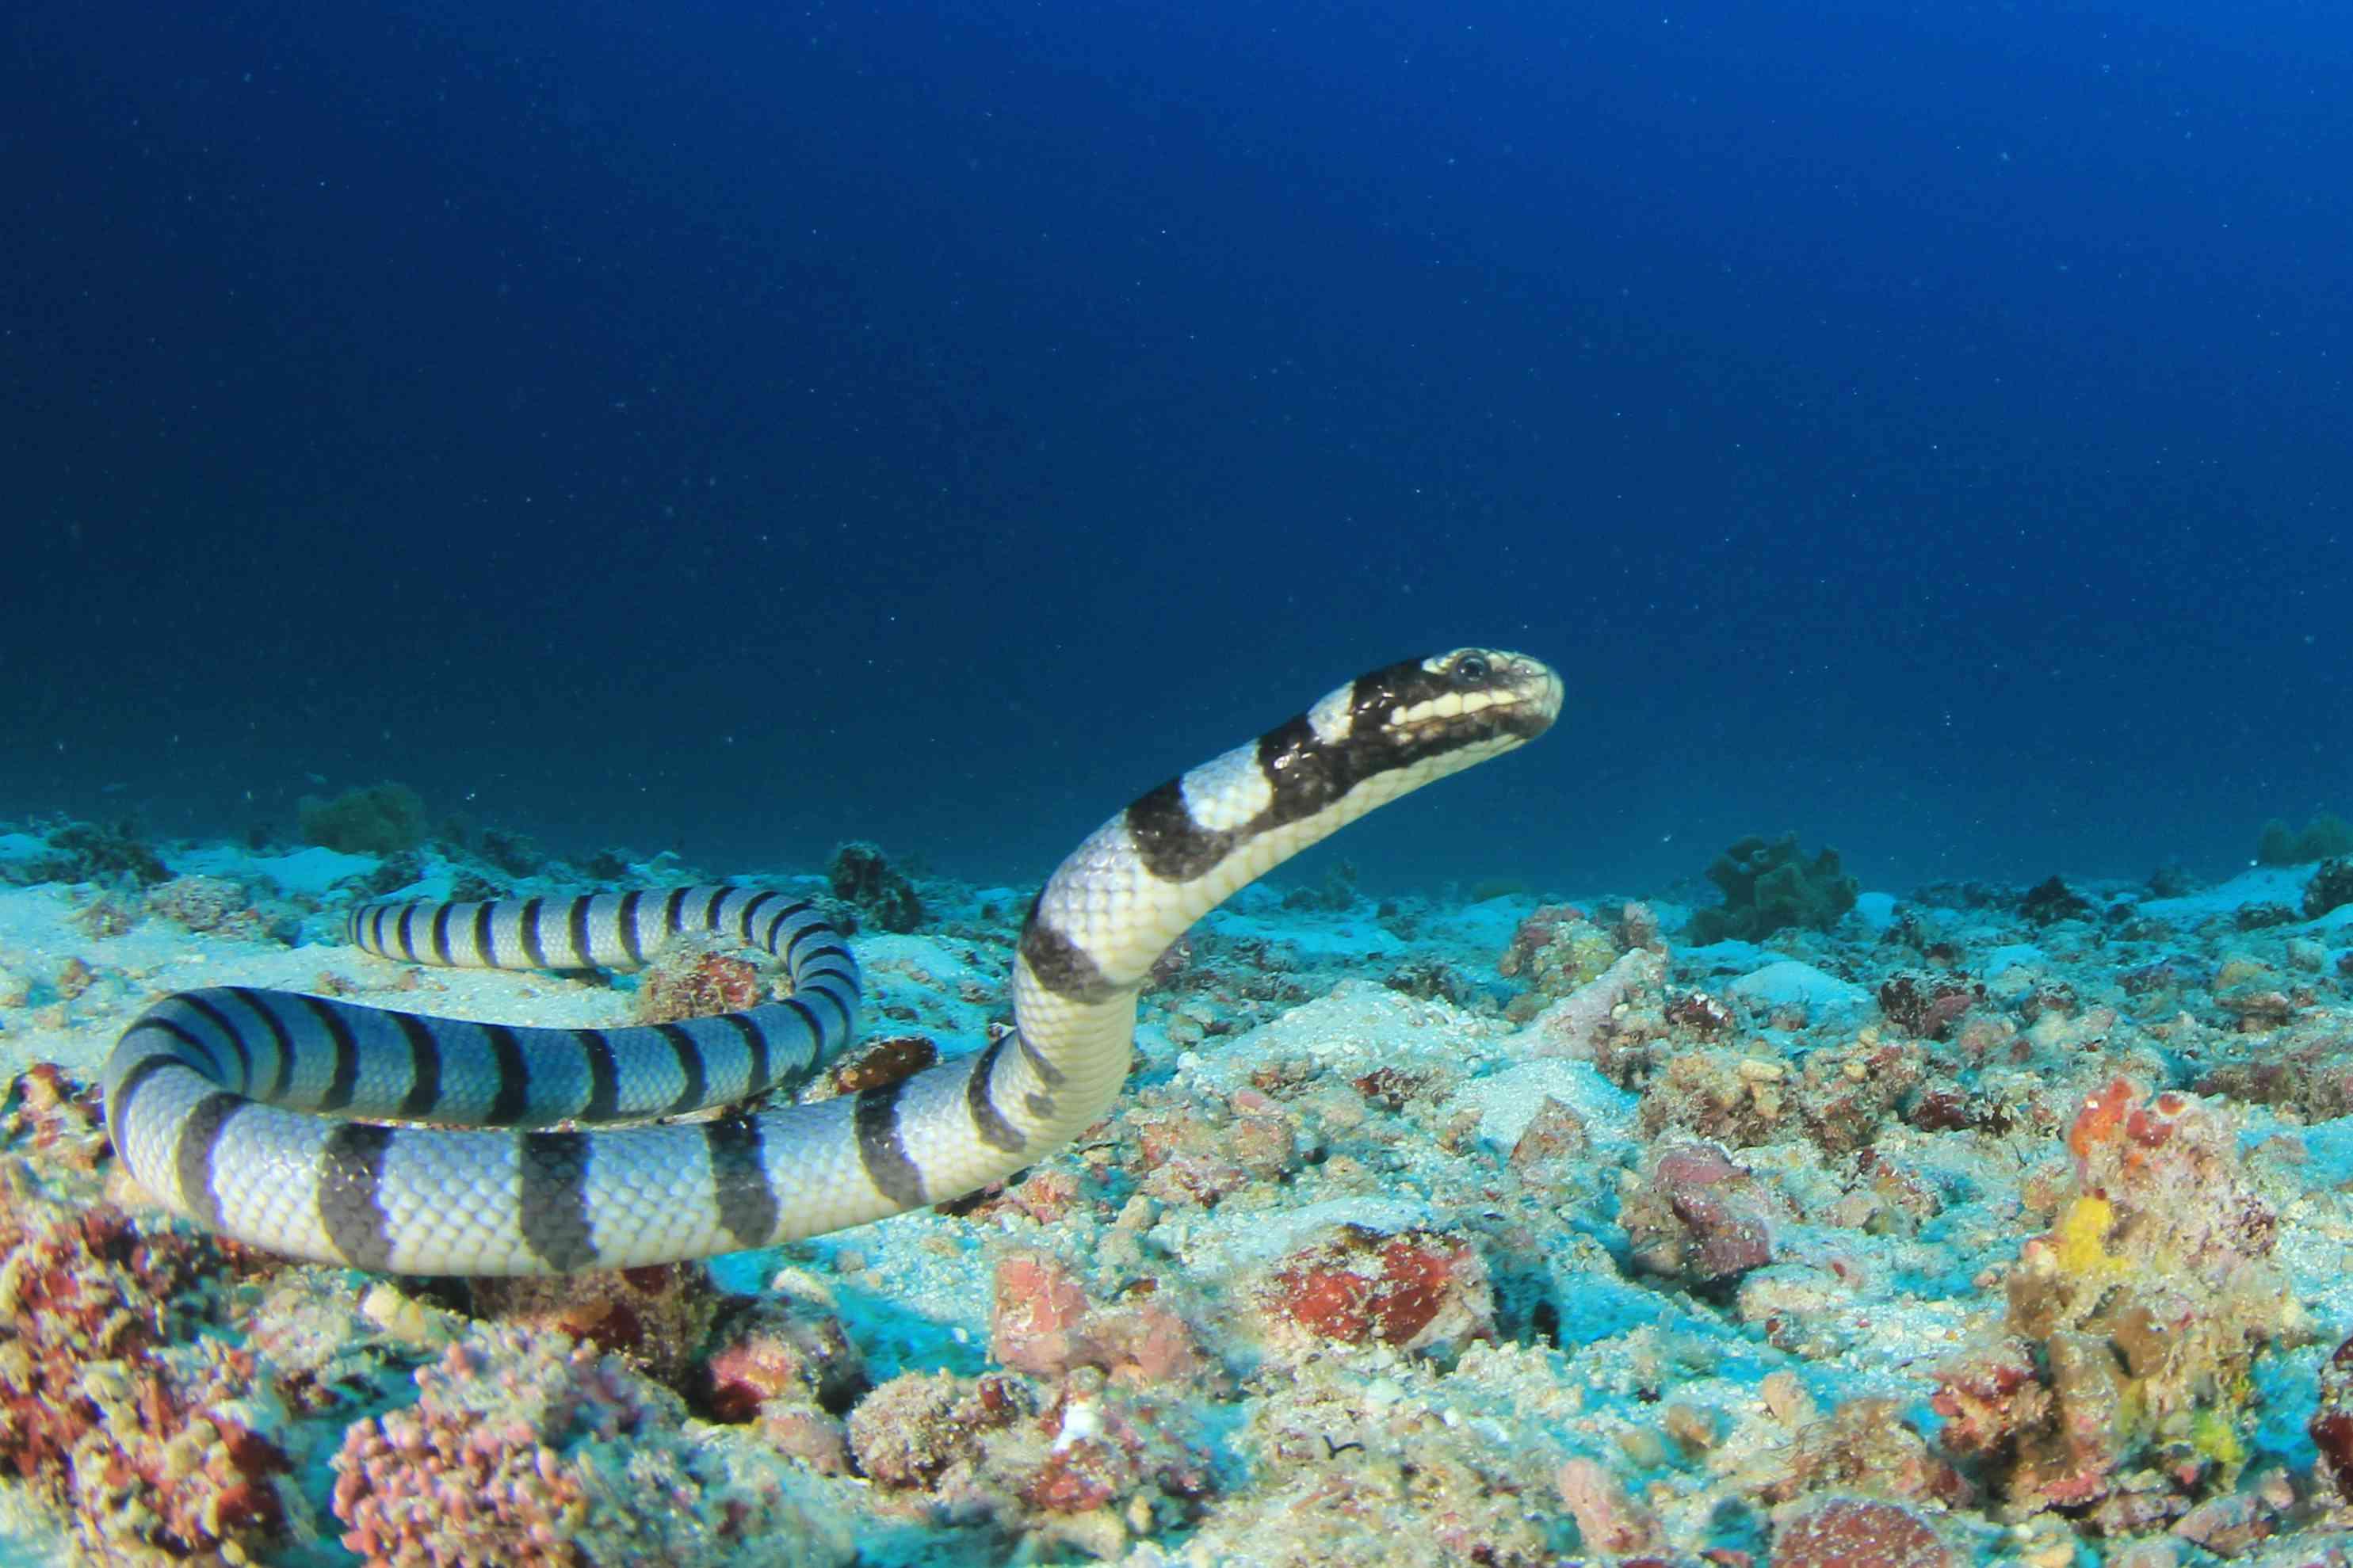 Banded sea krait swimming in underwater reef